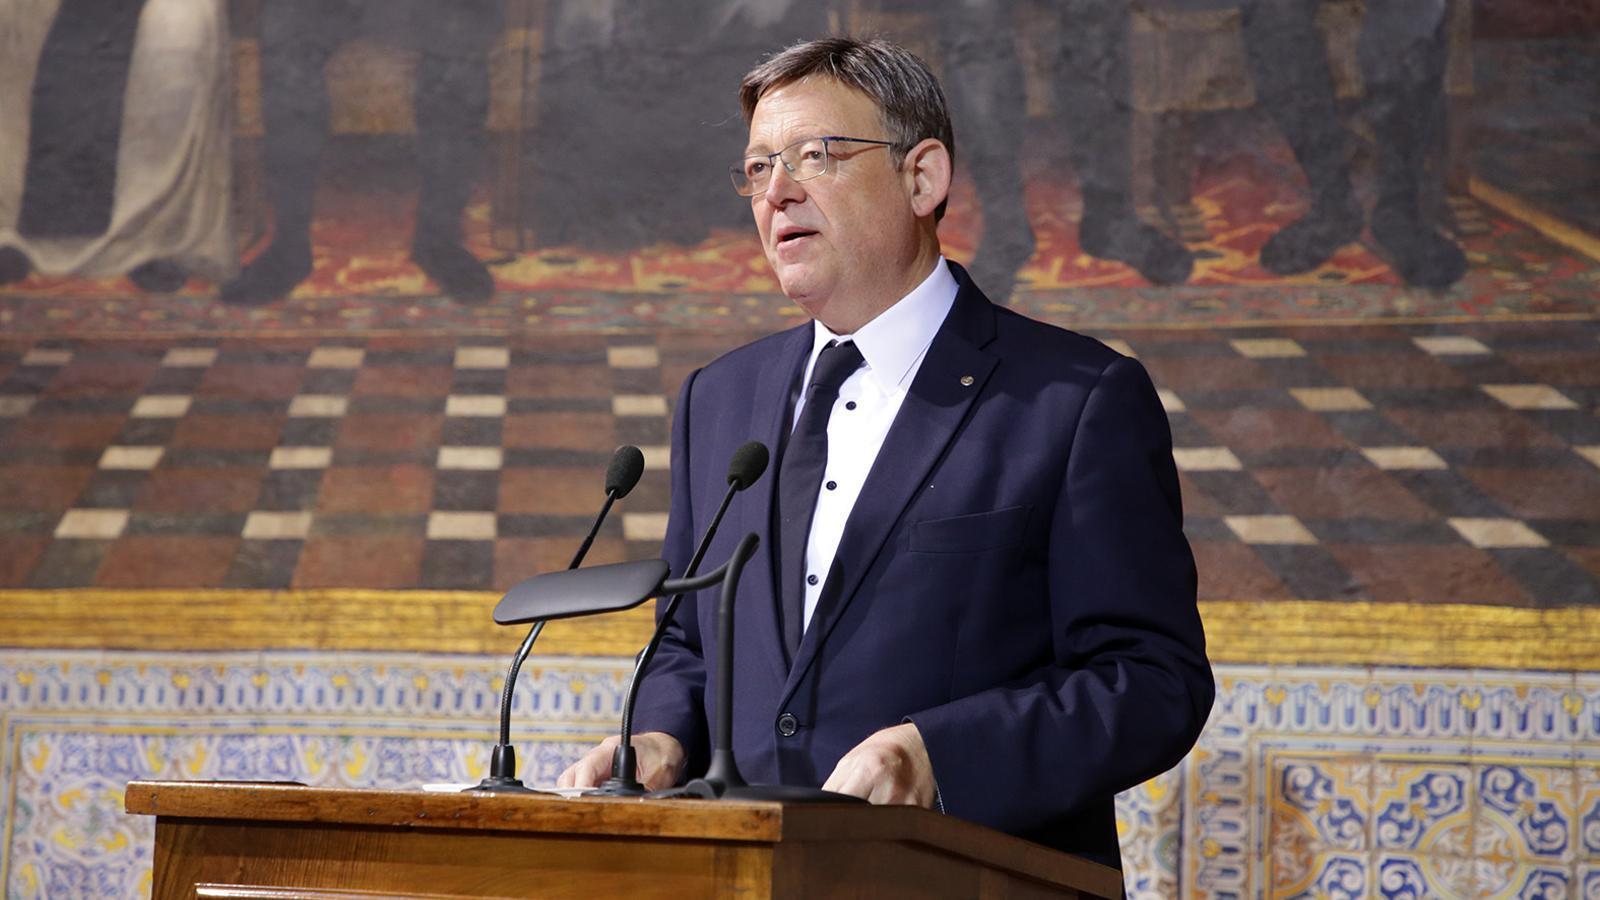 El president valencià Ximo Puig durant un discurs al Palau de la Generalitat